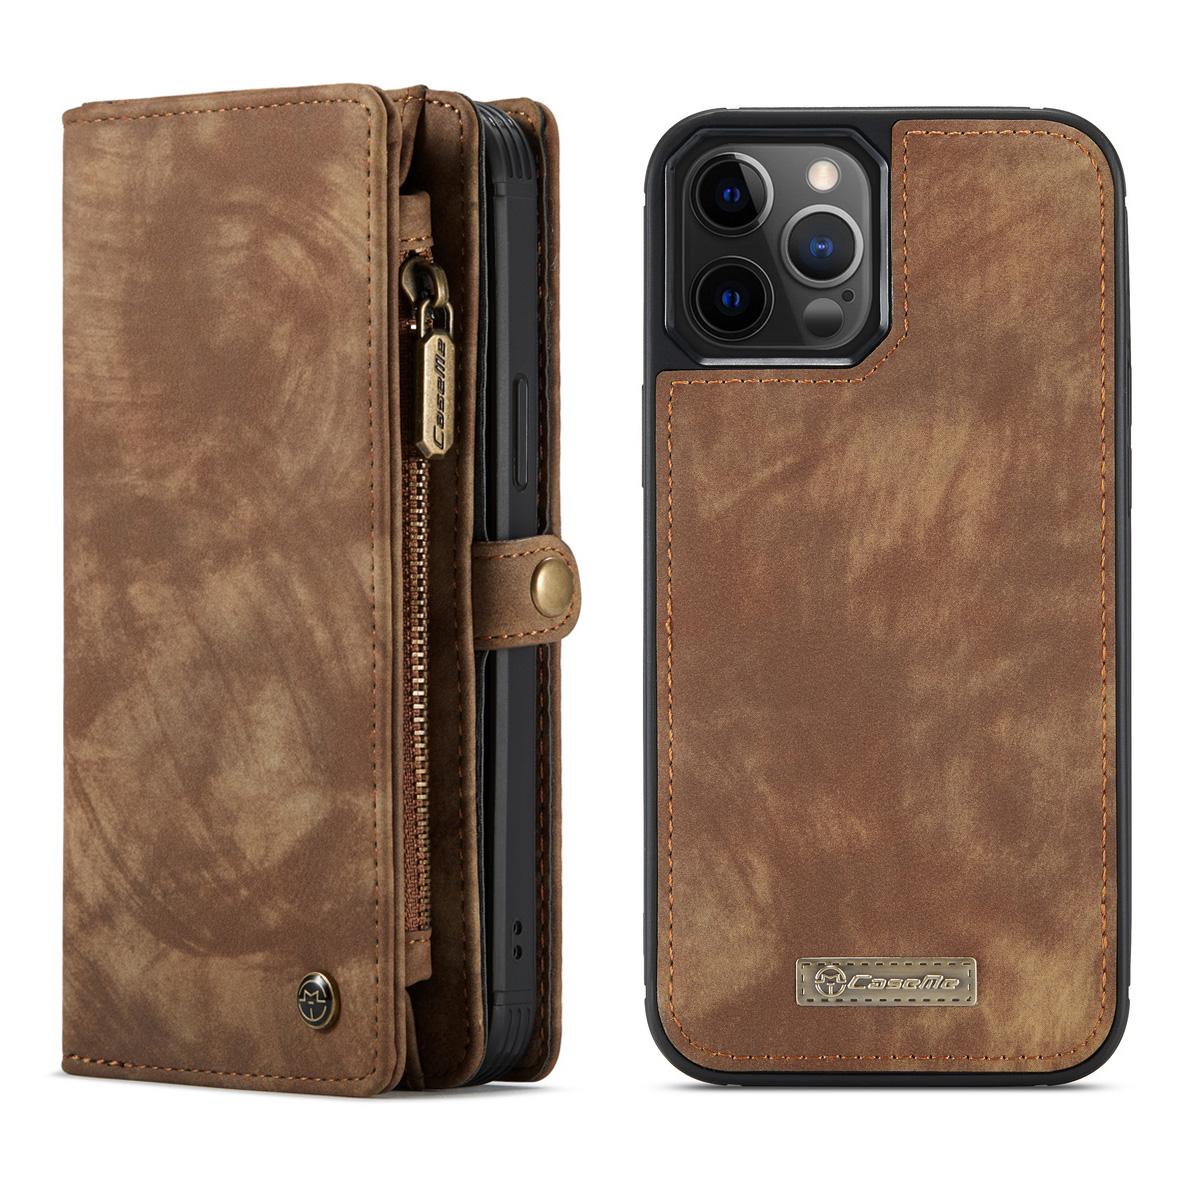 CaseMe 008 Series läderfodral, iPhone 12/12 Pro, brun